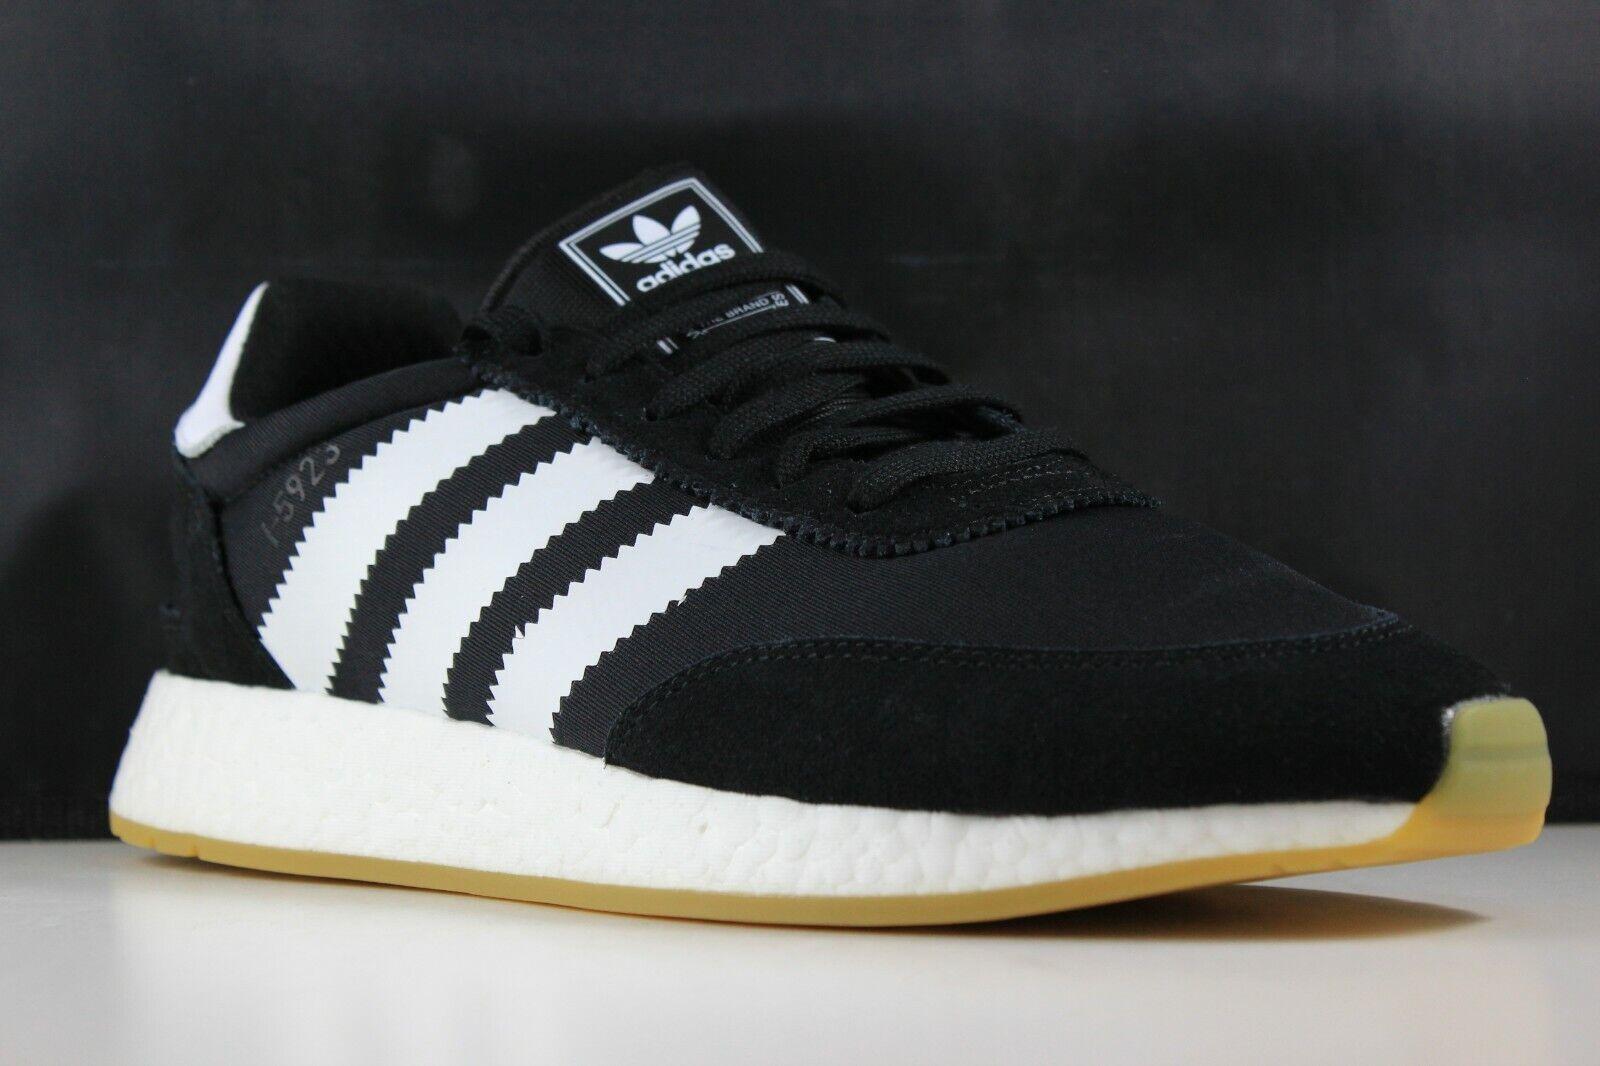 Adidas I-5923 Talla 10 para hombre Core Negro blancoo Gum D97344